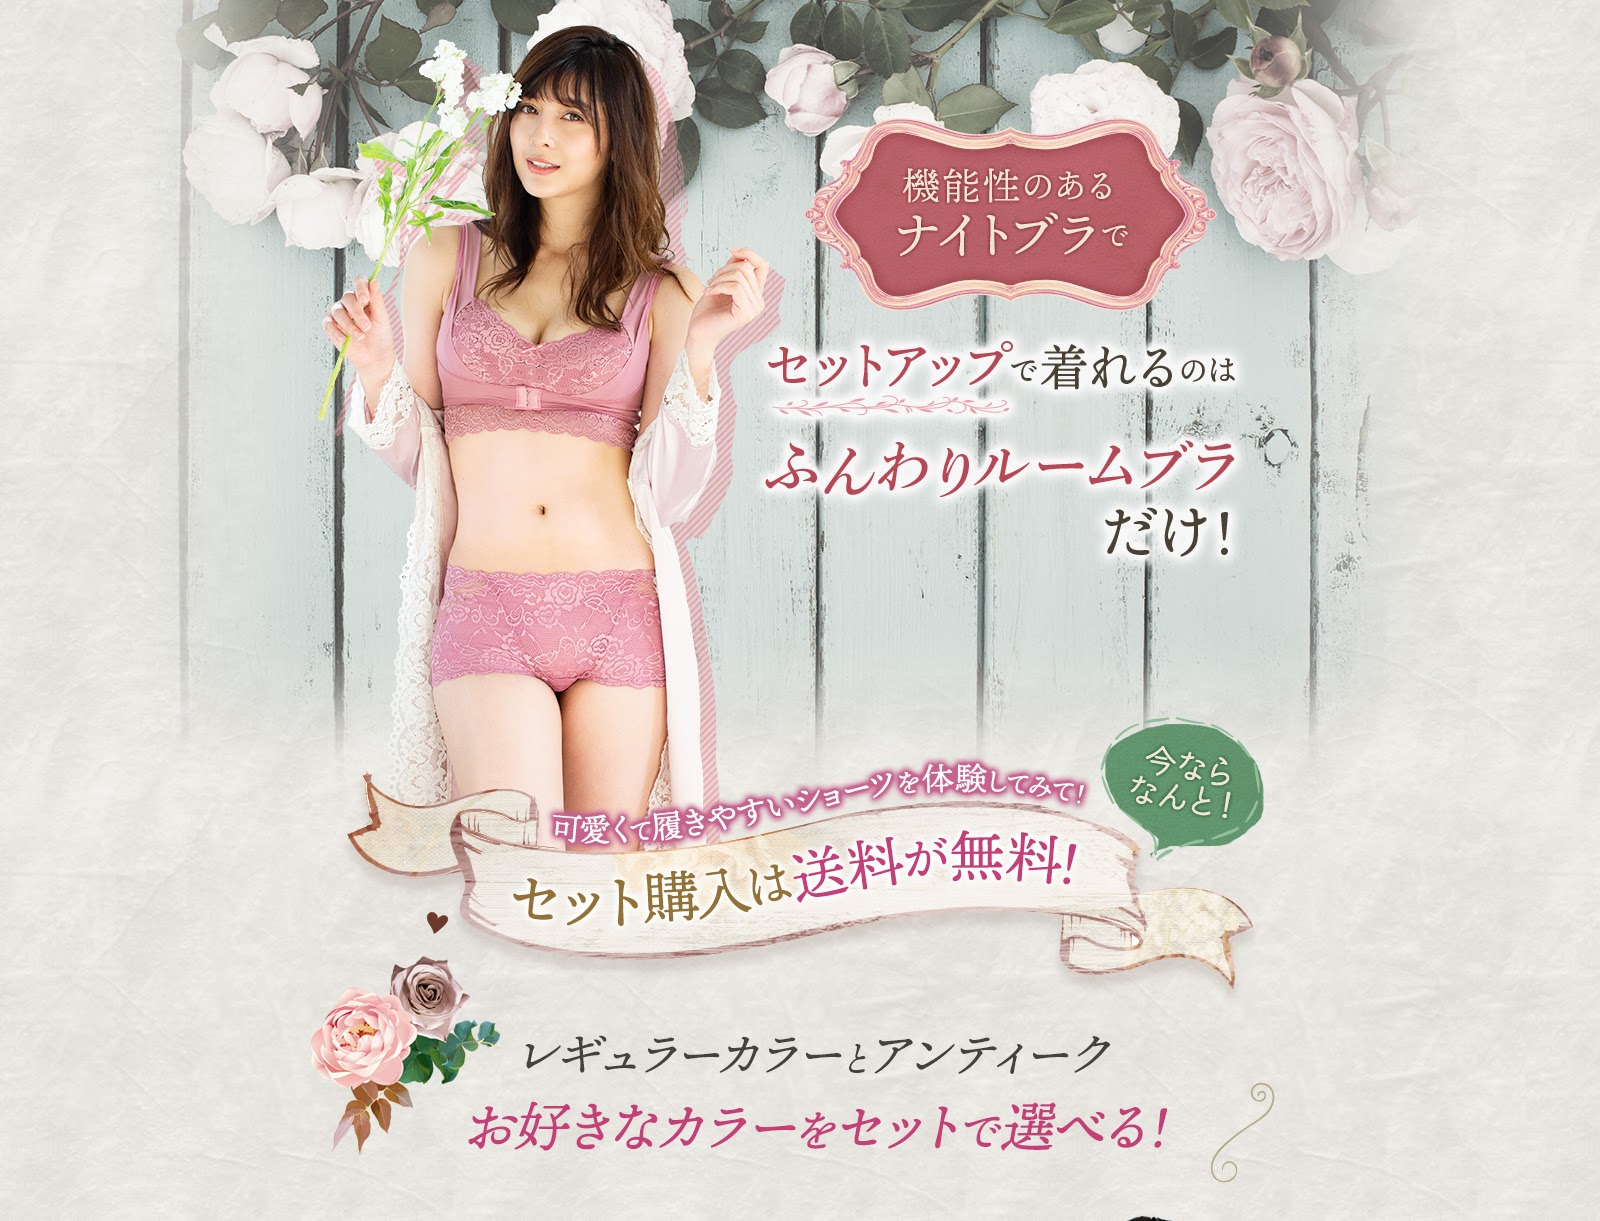 Fluffy Room Blubless Underwear Model Angela Mei074